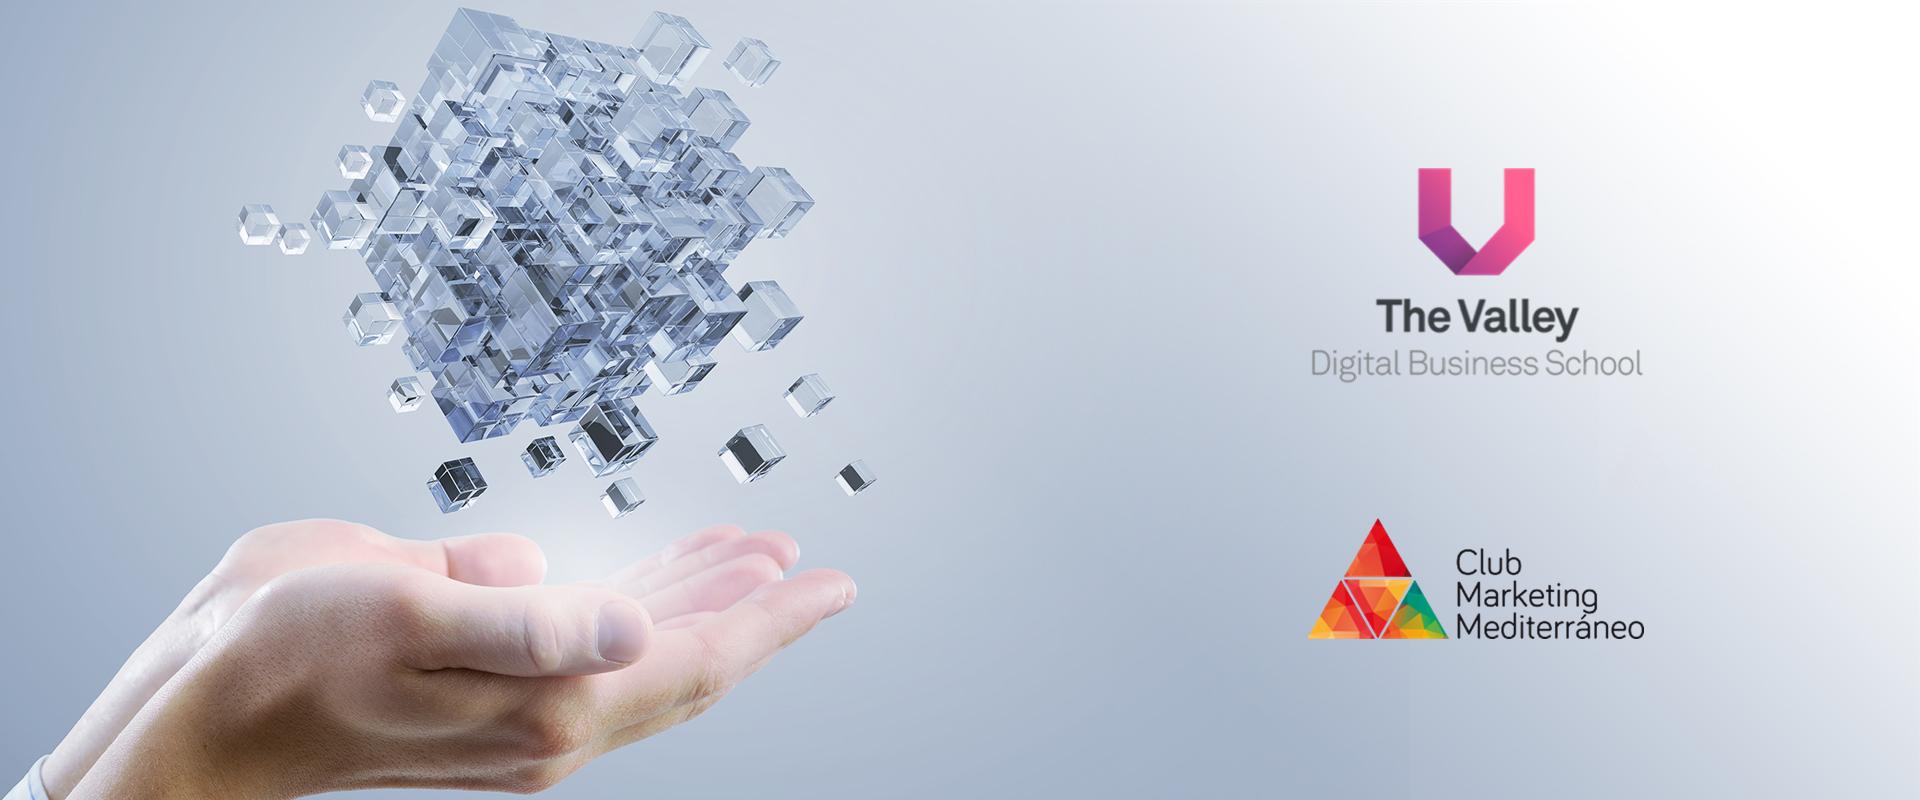 La transformación digital: ¿Es oro todo lo que reluce?